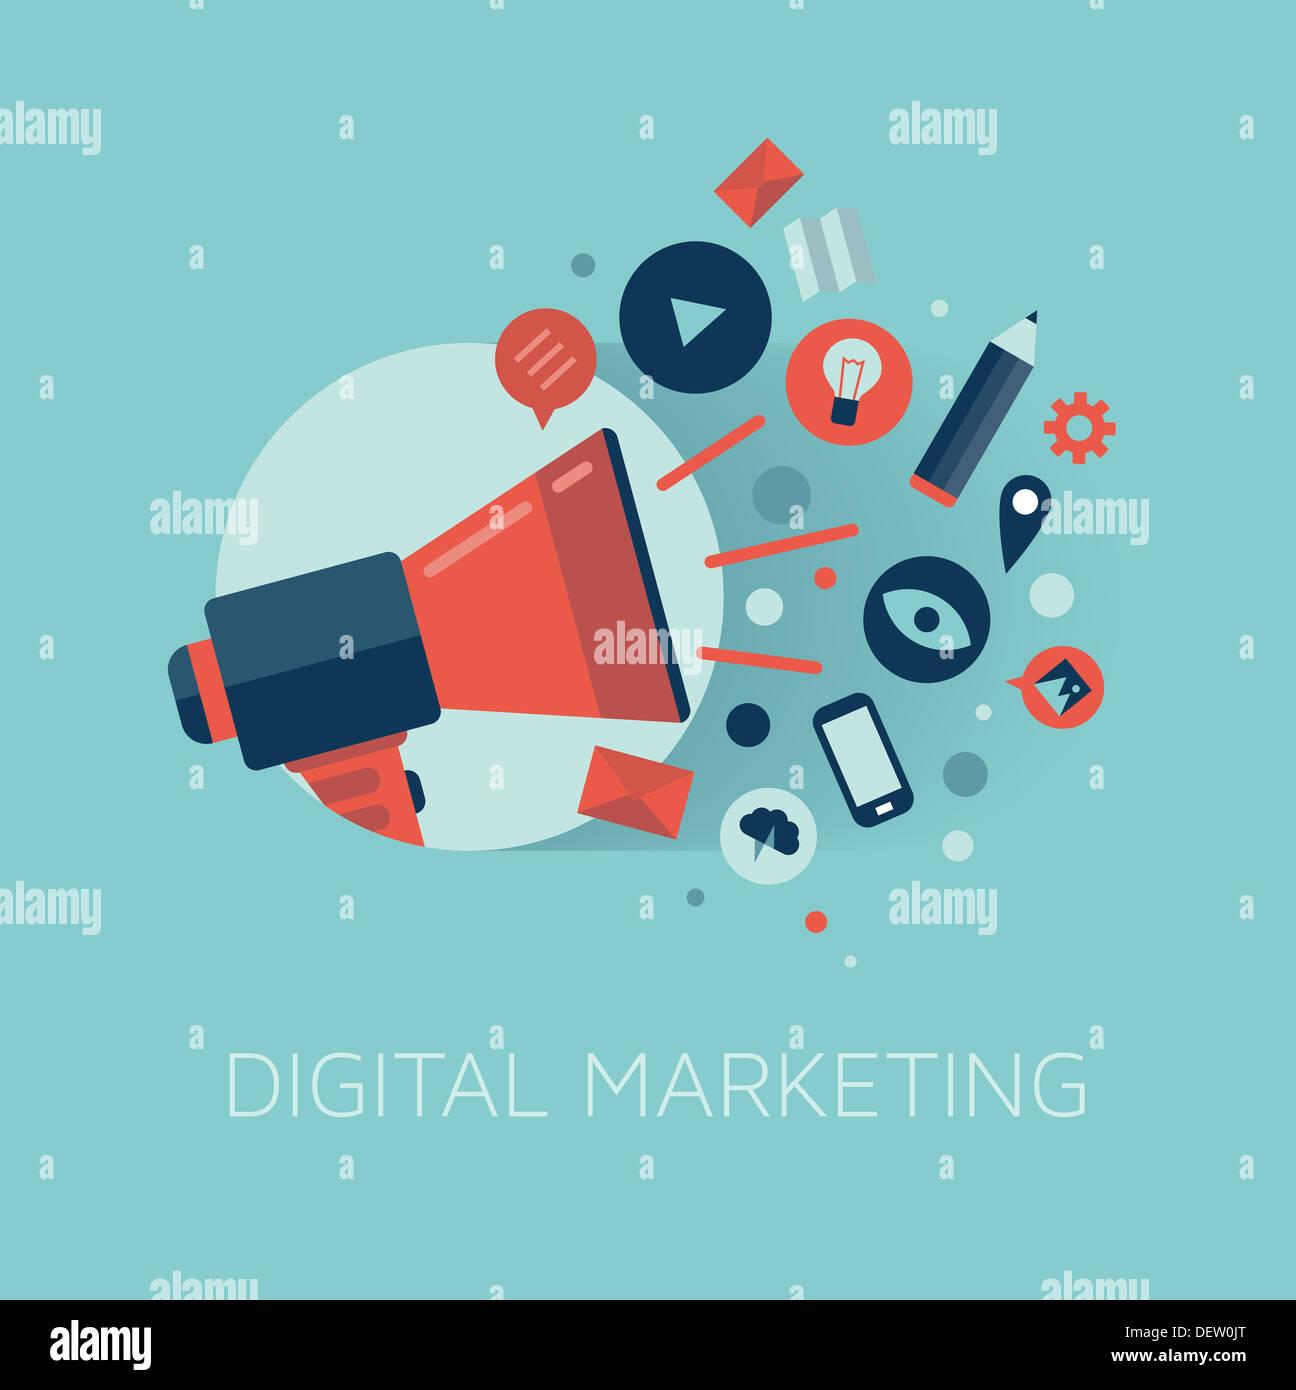 Illustration de style mégaphone avec nuage de l'icône de l'application de couleurs sur le thème des médias. Concept de marketing numérique. Photo Stock